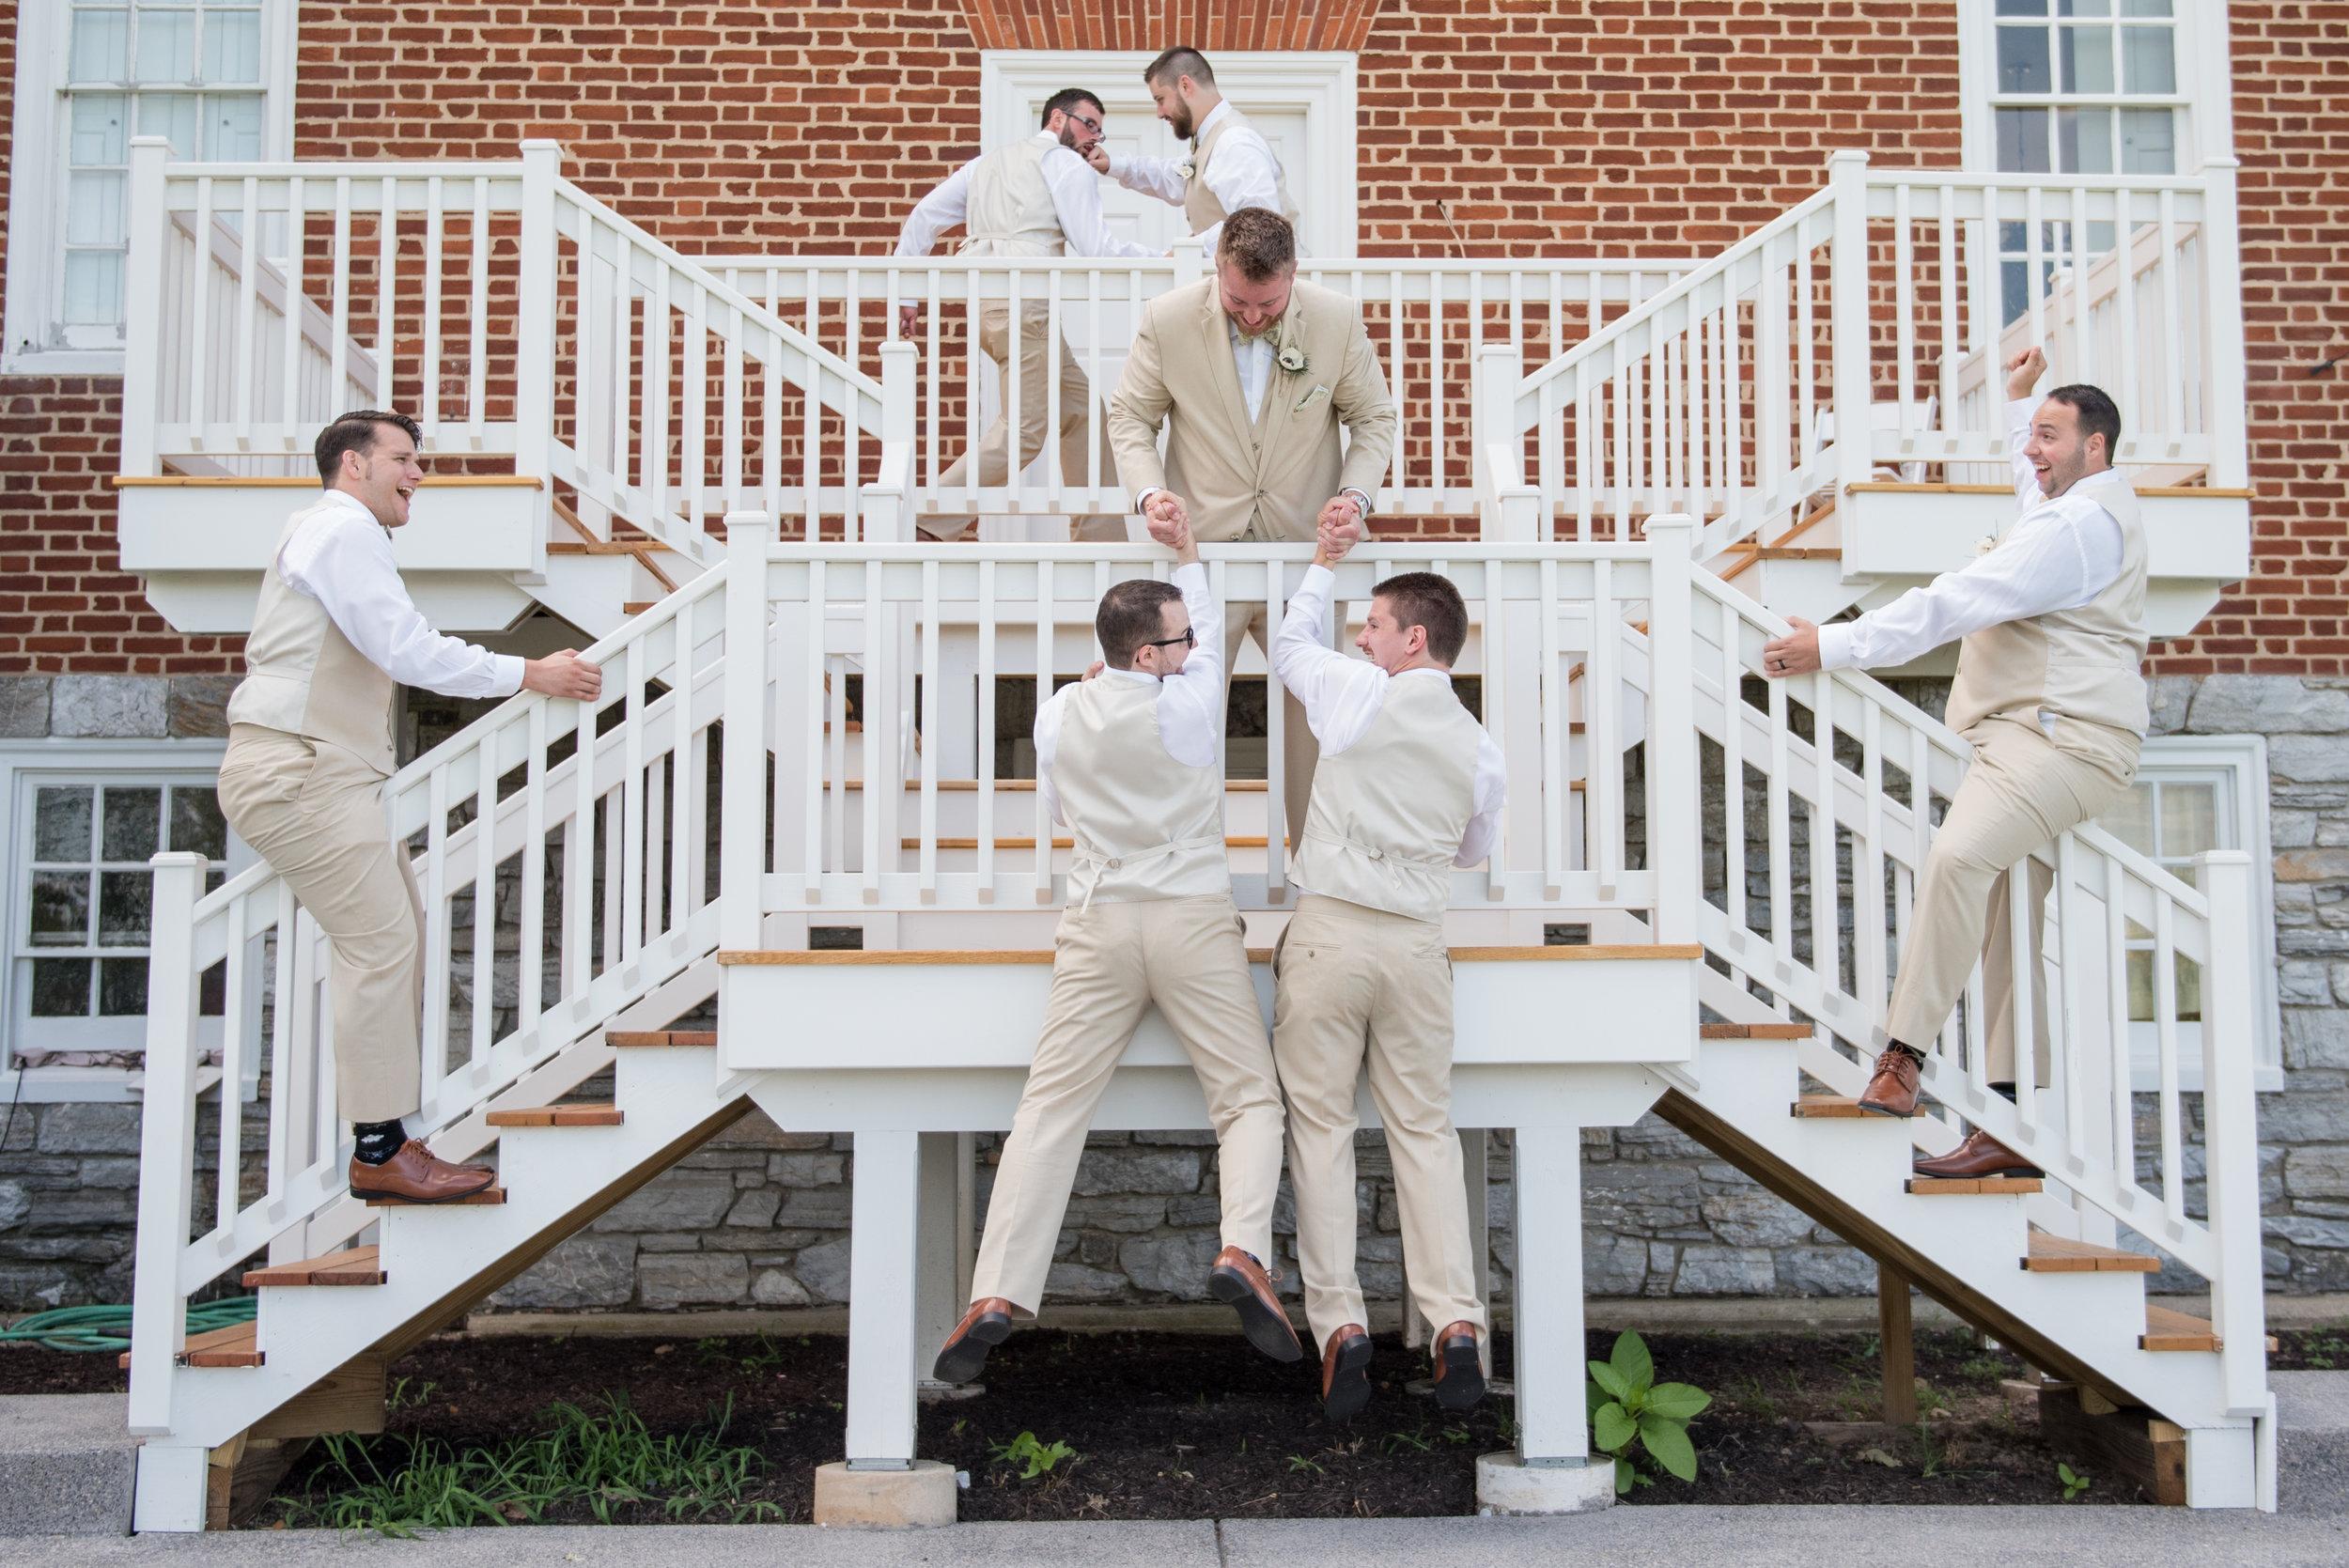 taylor&benny wedding-61.jpg